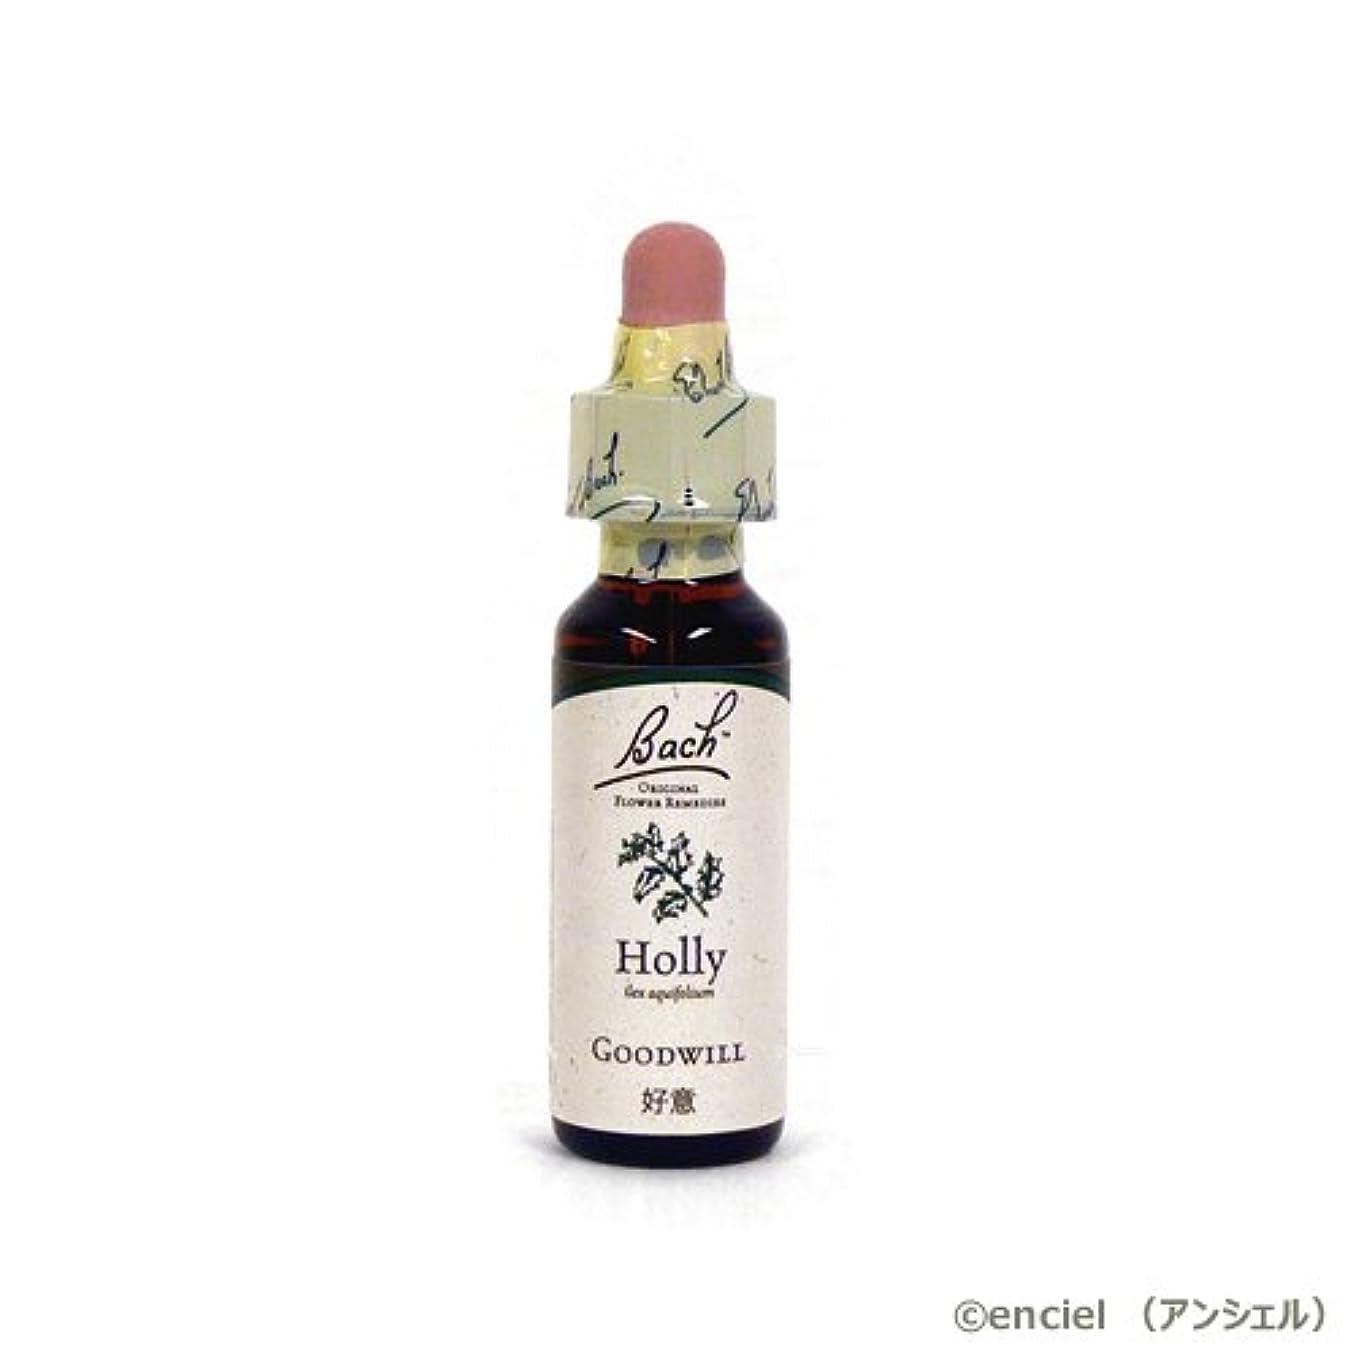 バッチフラワー レメディ ホリー 10ml グリセリンタイプ 日本国内正規品